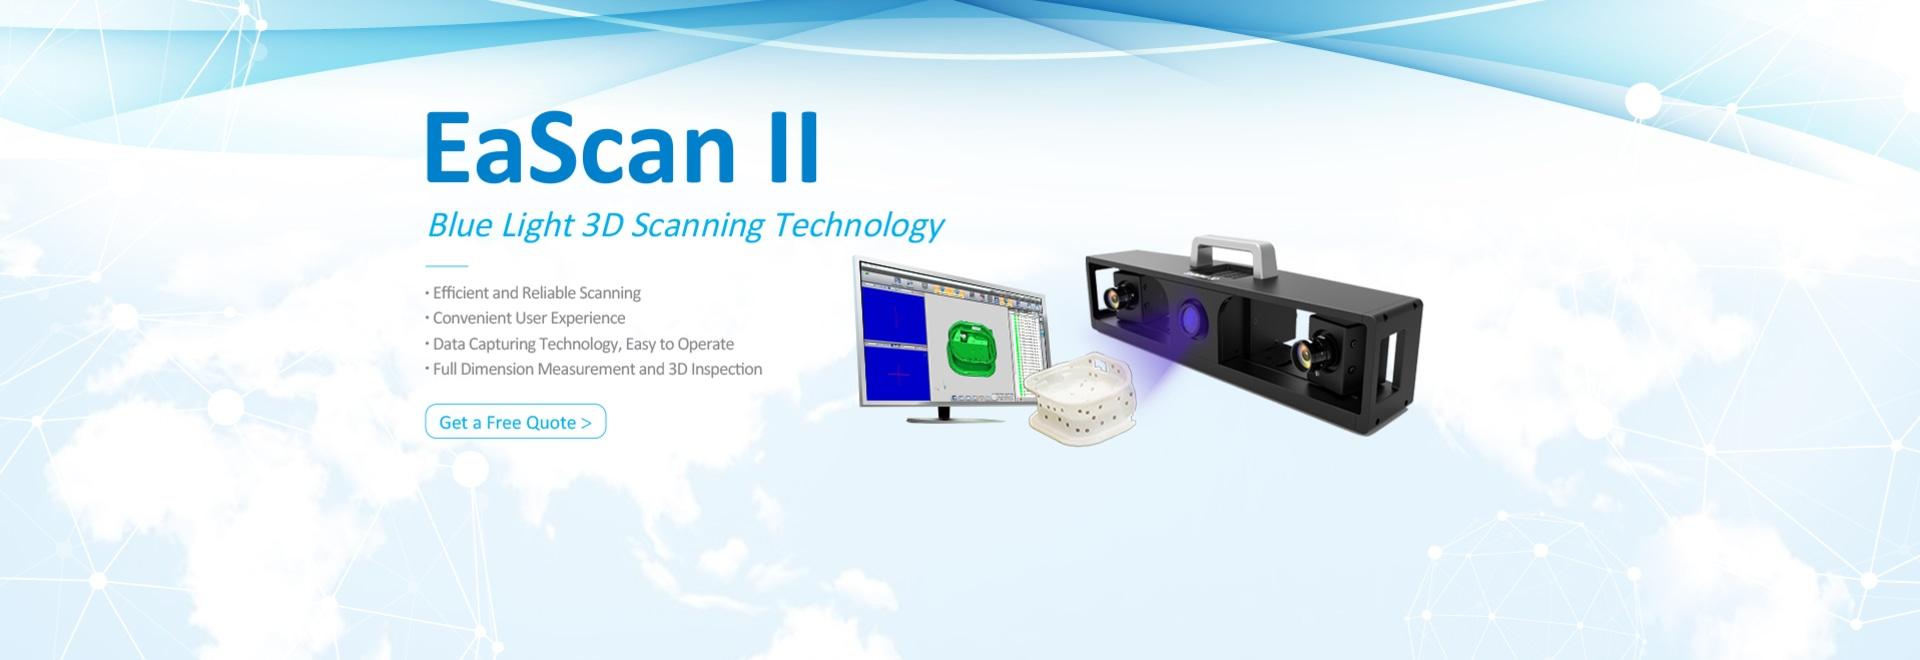 EaScan II fait l'apparition à la foire commerciale de contrôle 2018